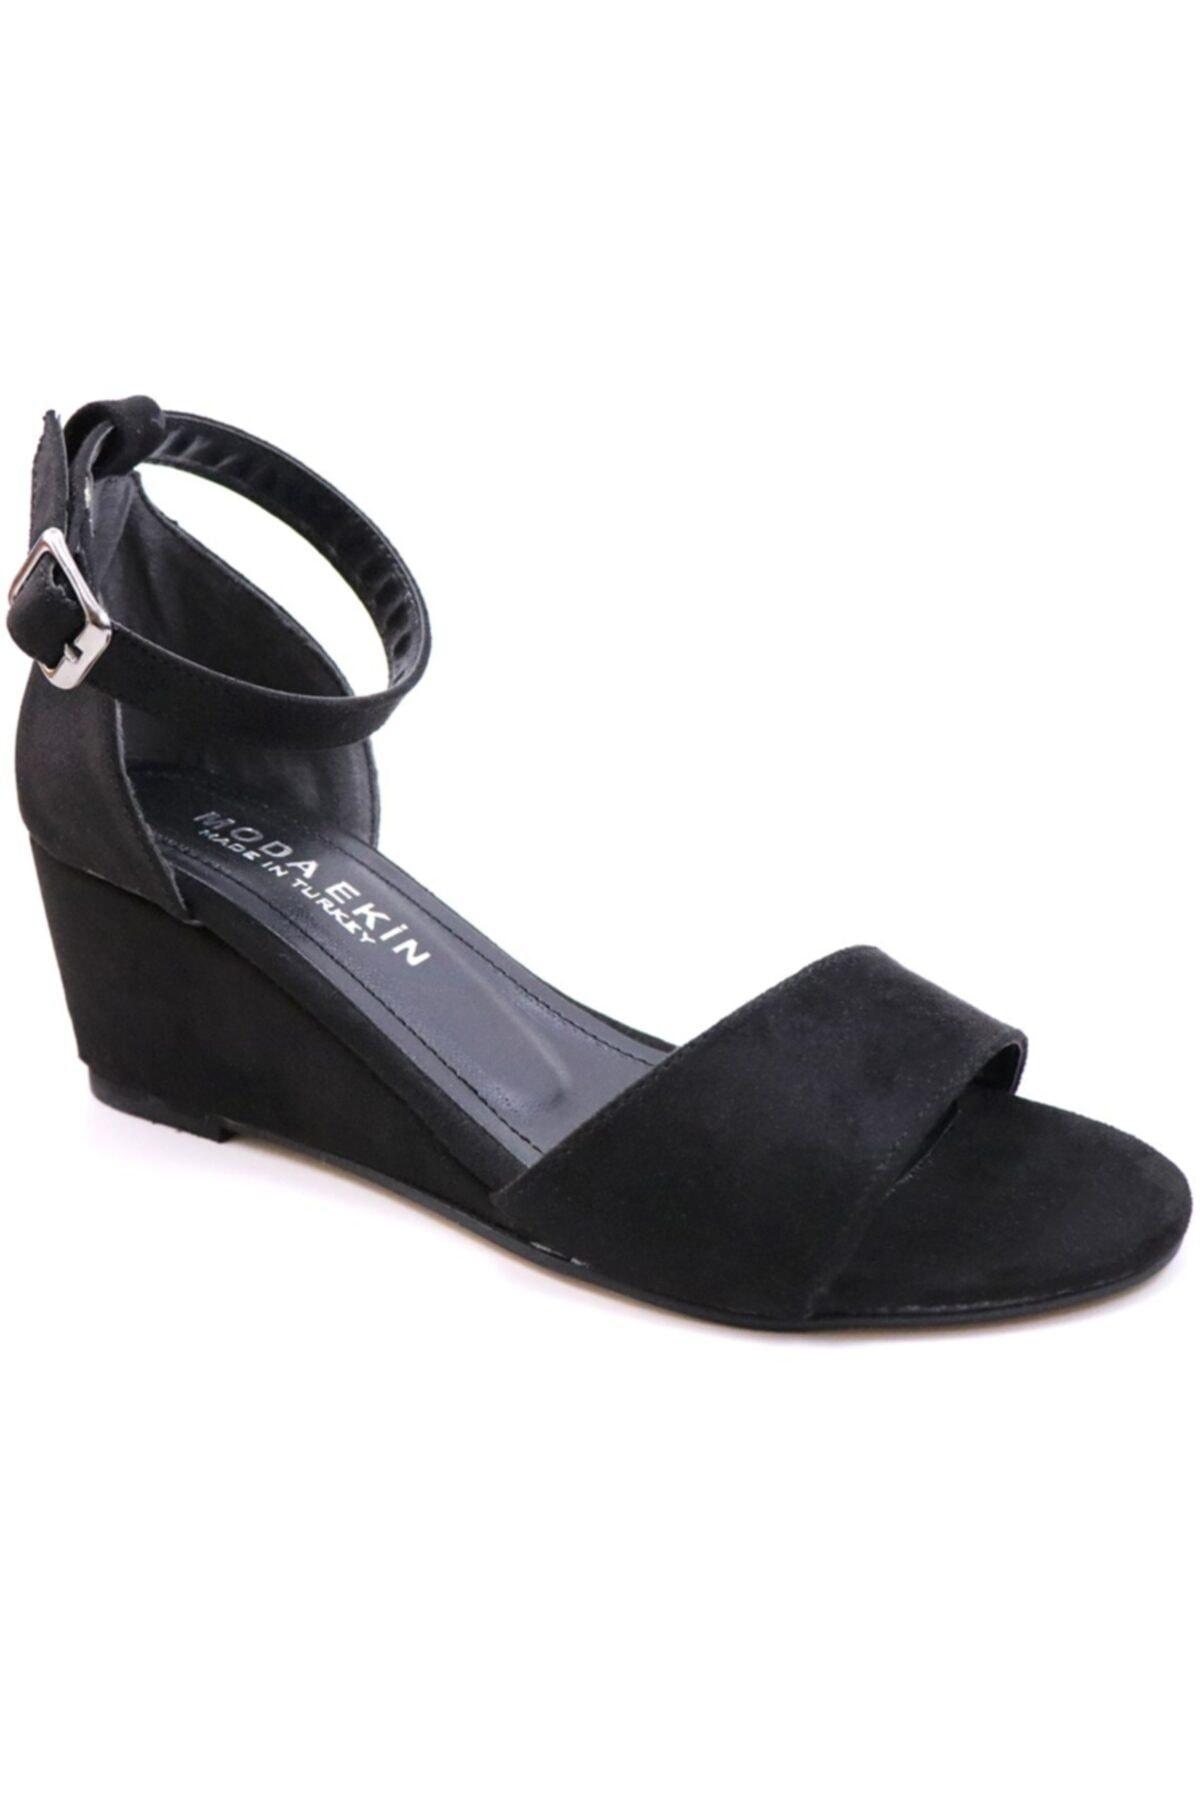 MODA EKİN Kadın Siyah Ayakkabı